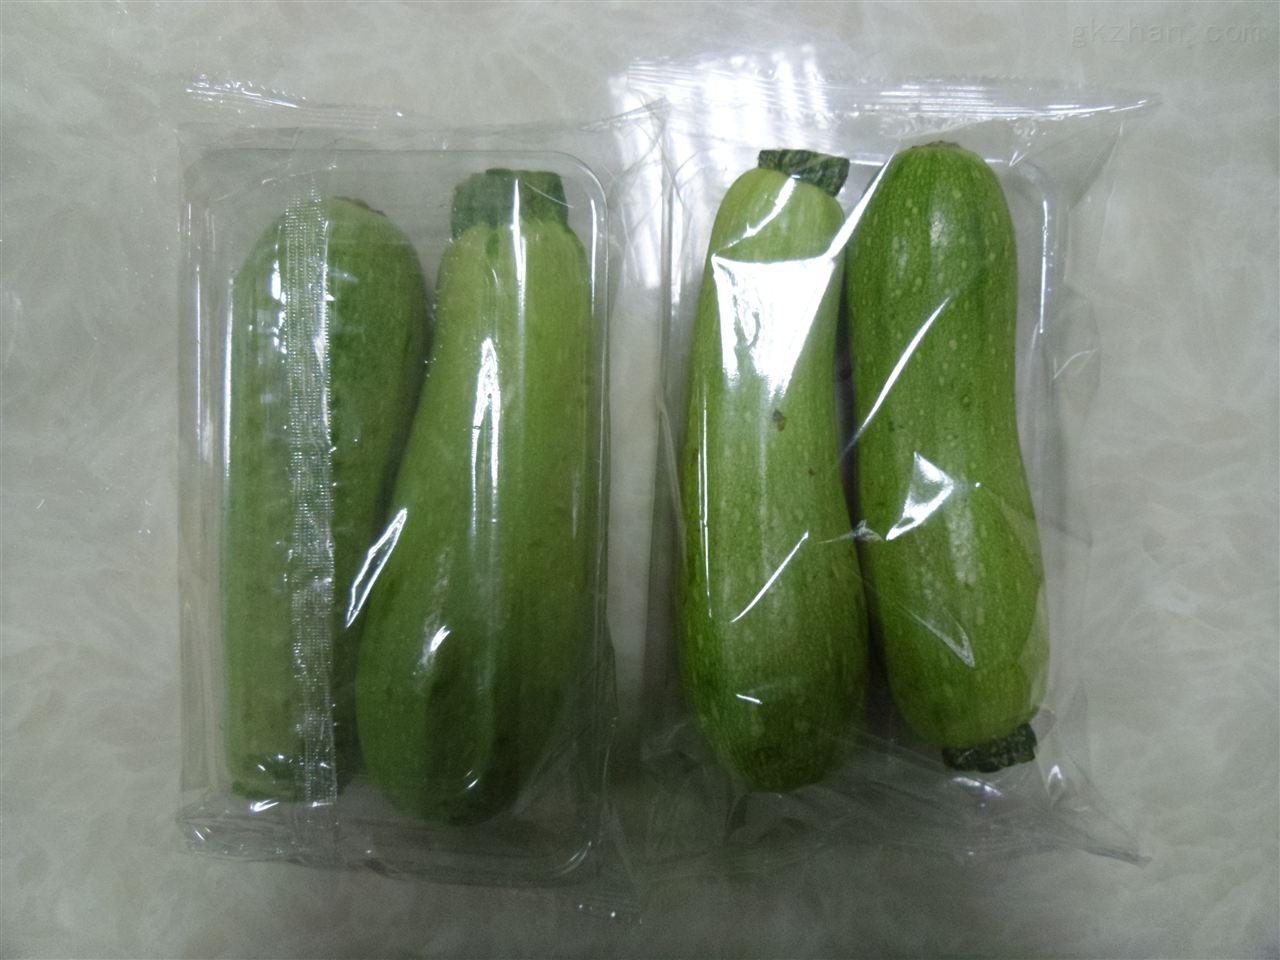 青菜包装机/叶菜包装机厂家